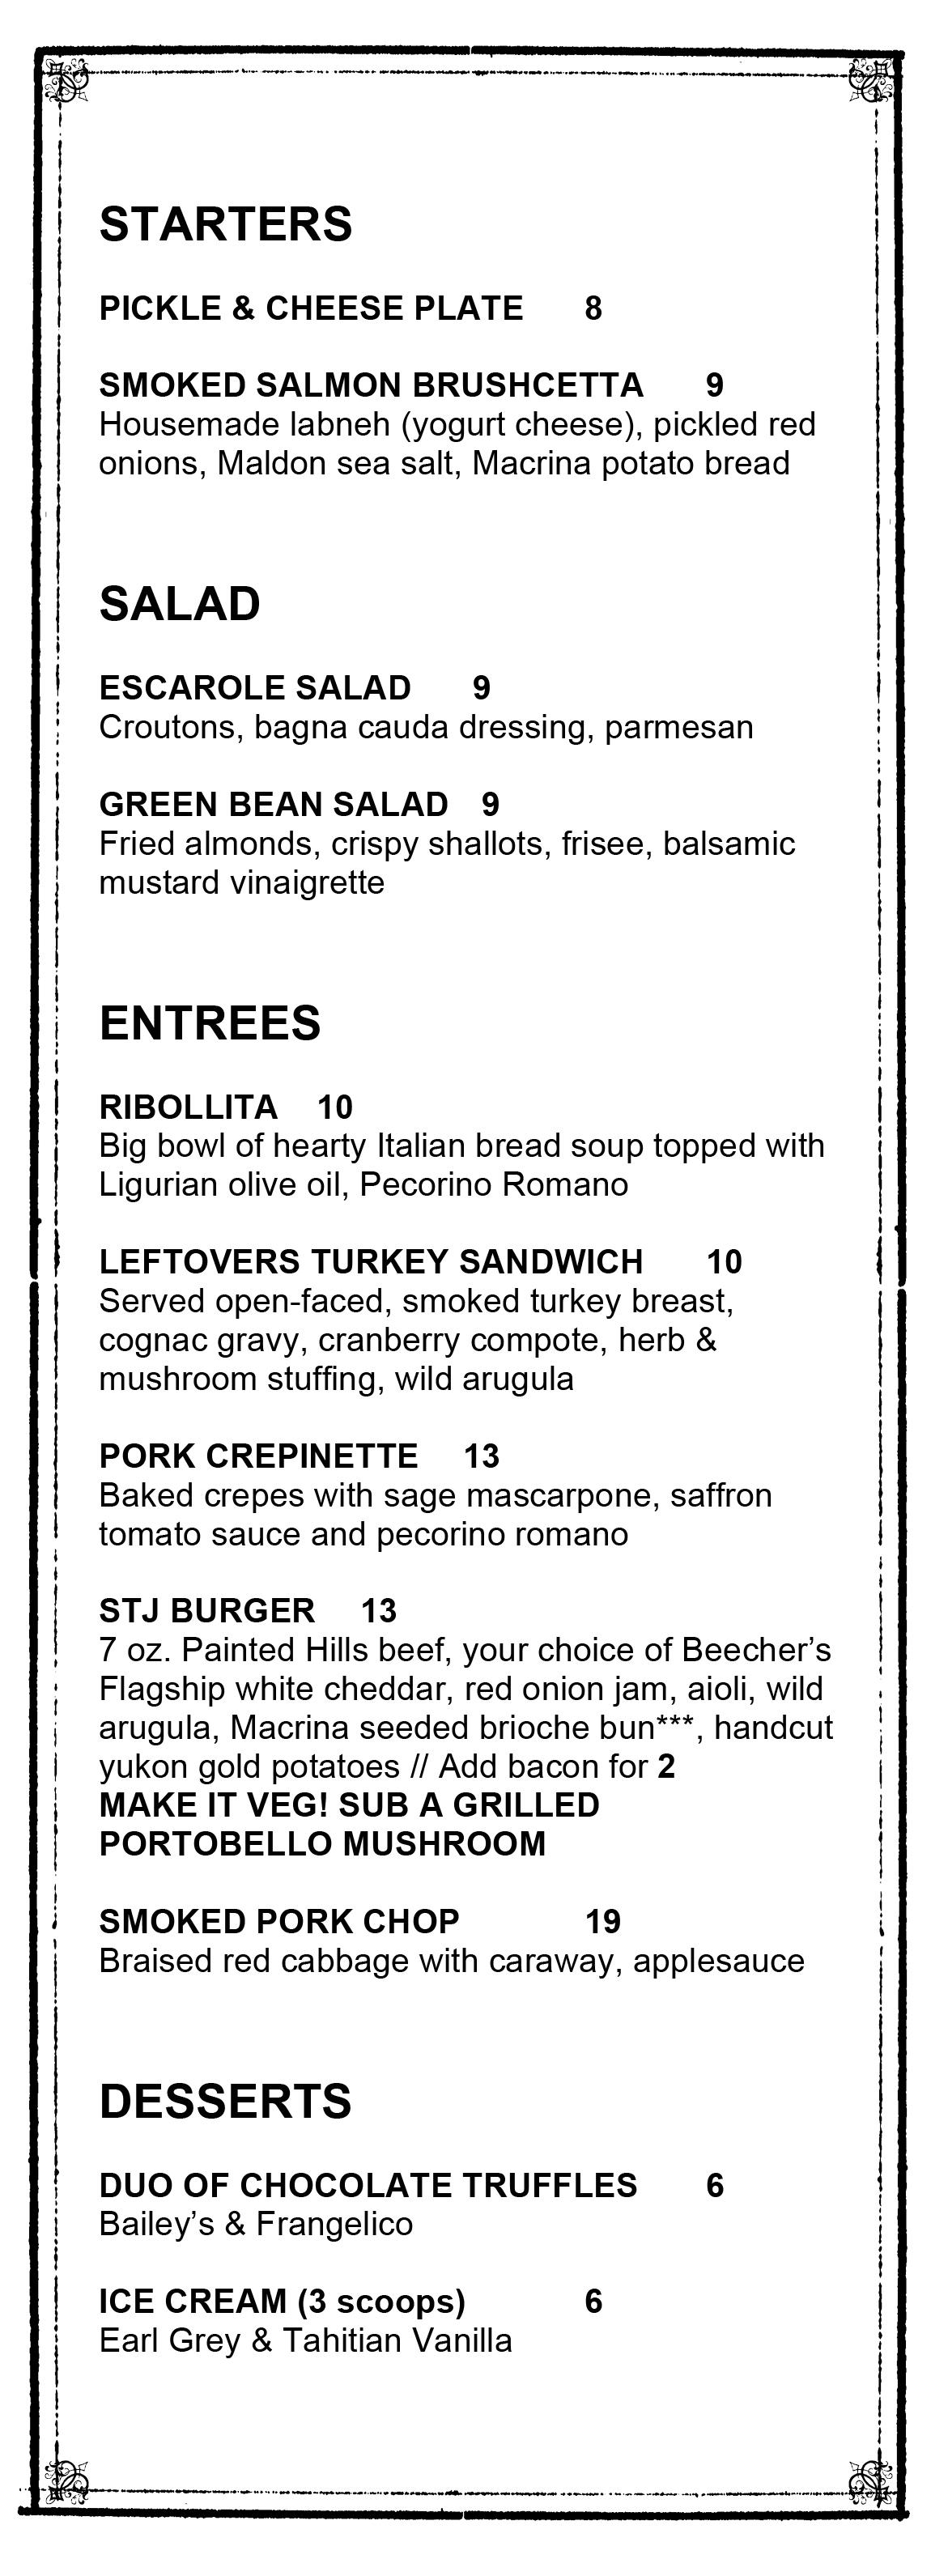 thanksgiving2014 menu